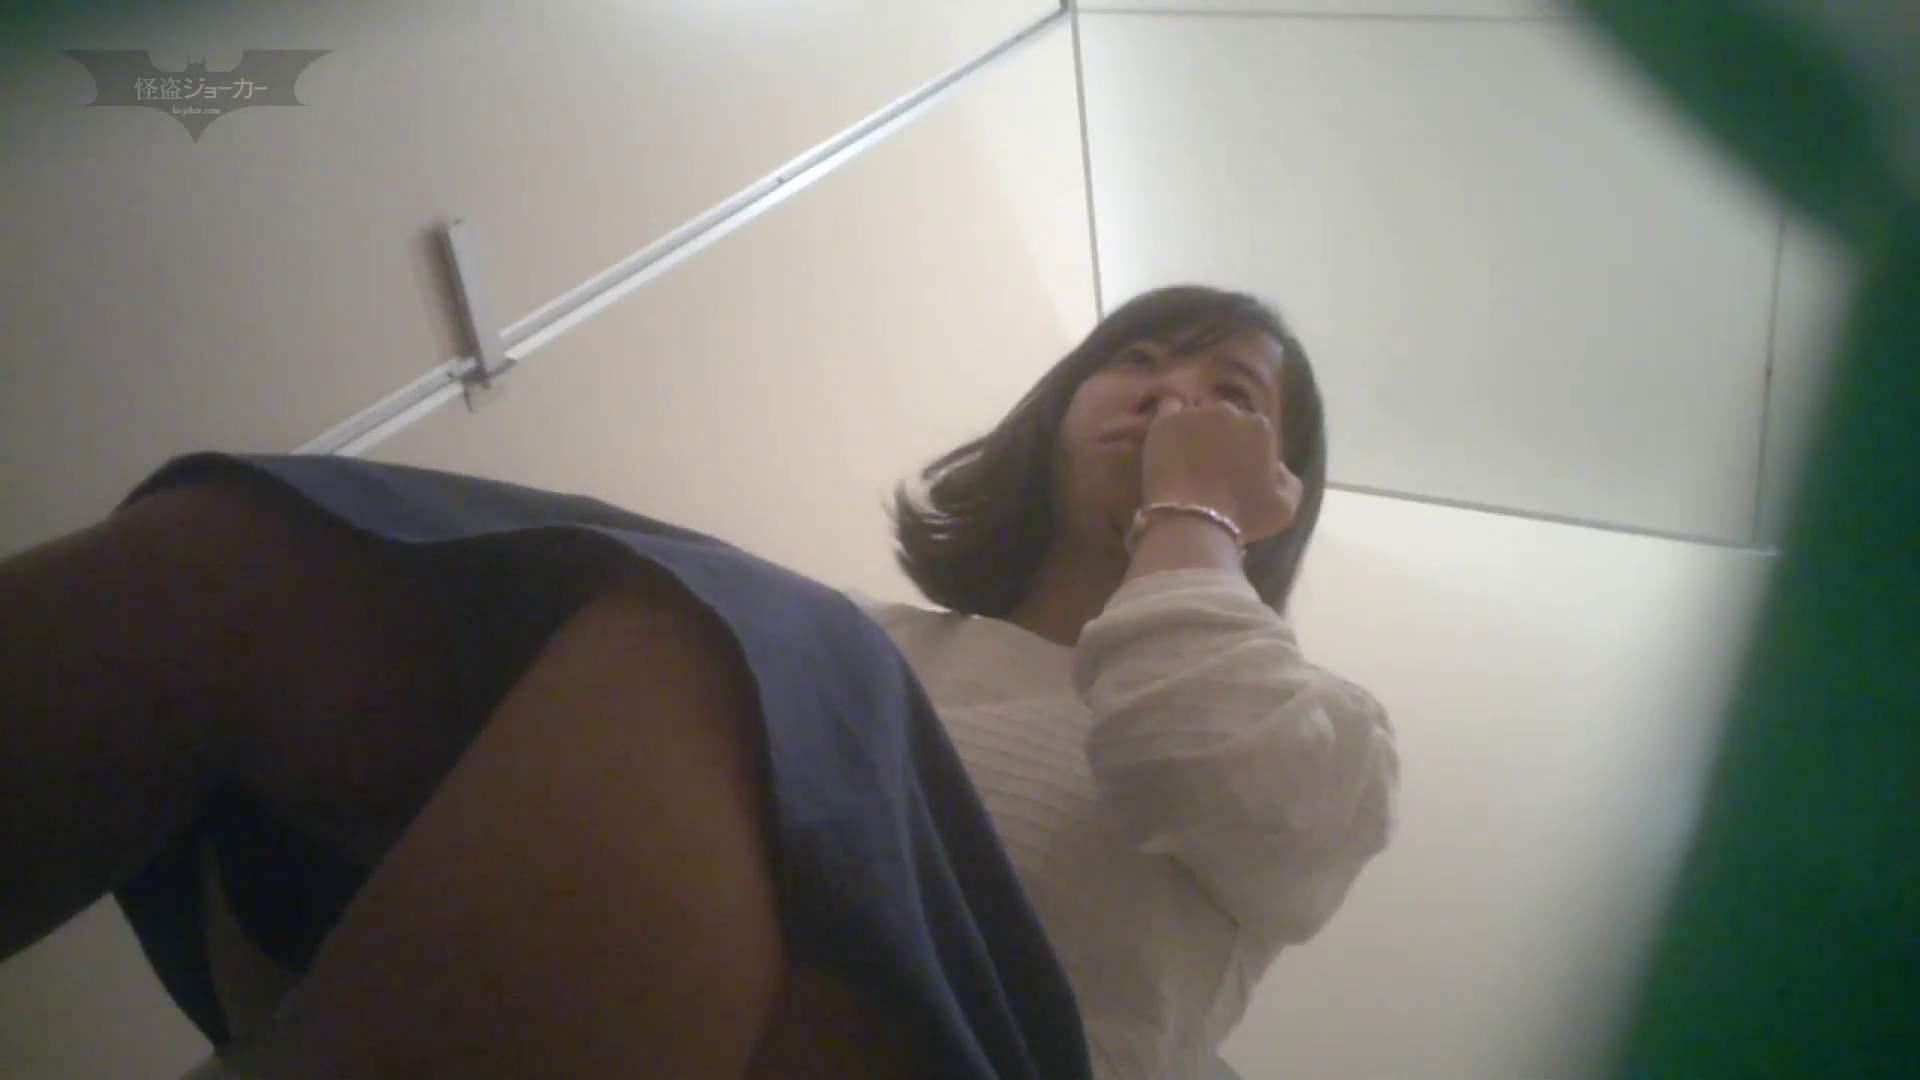 有名大学女性洗面所 vol.54 設置撮影最高峰!! 3視点でじっくり観察 洗面所シーン AV無料 27画像 5